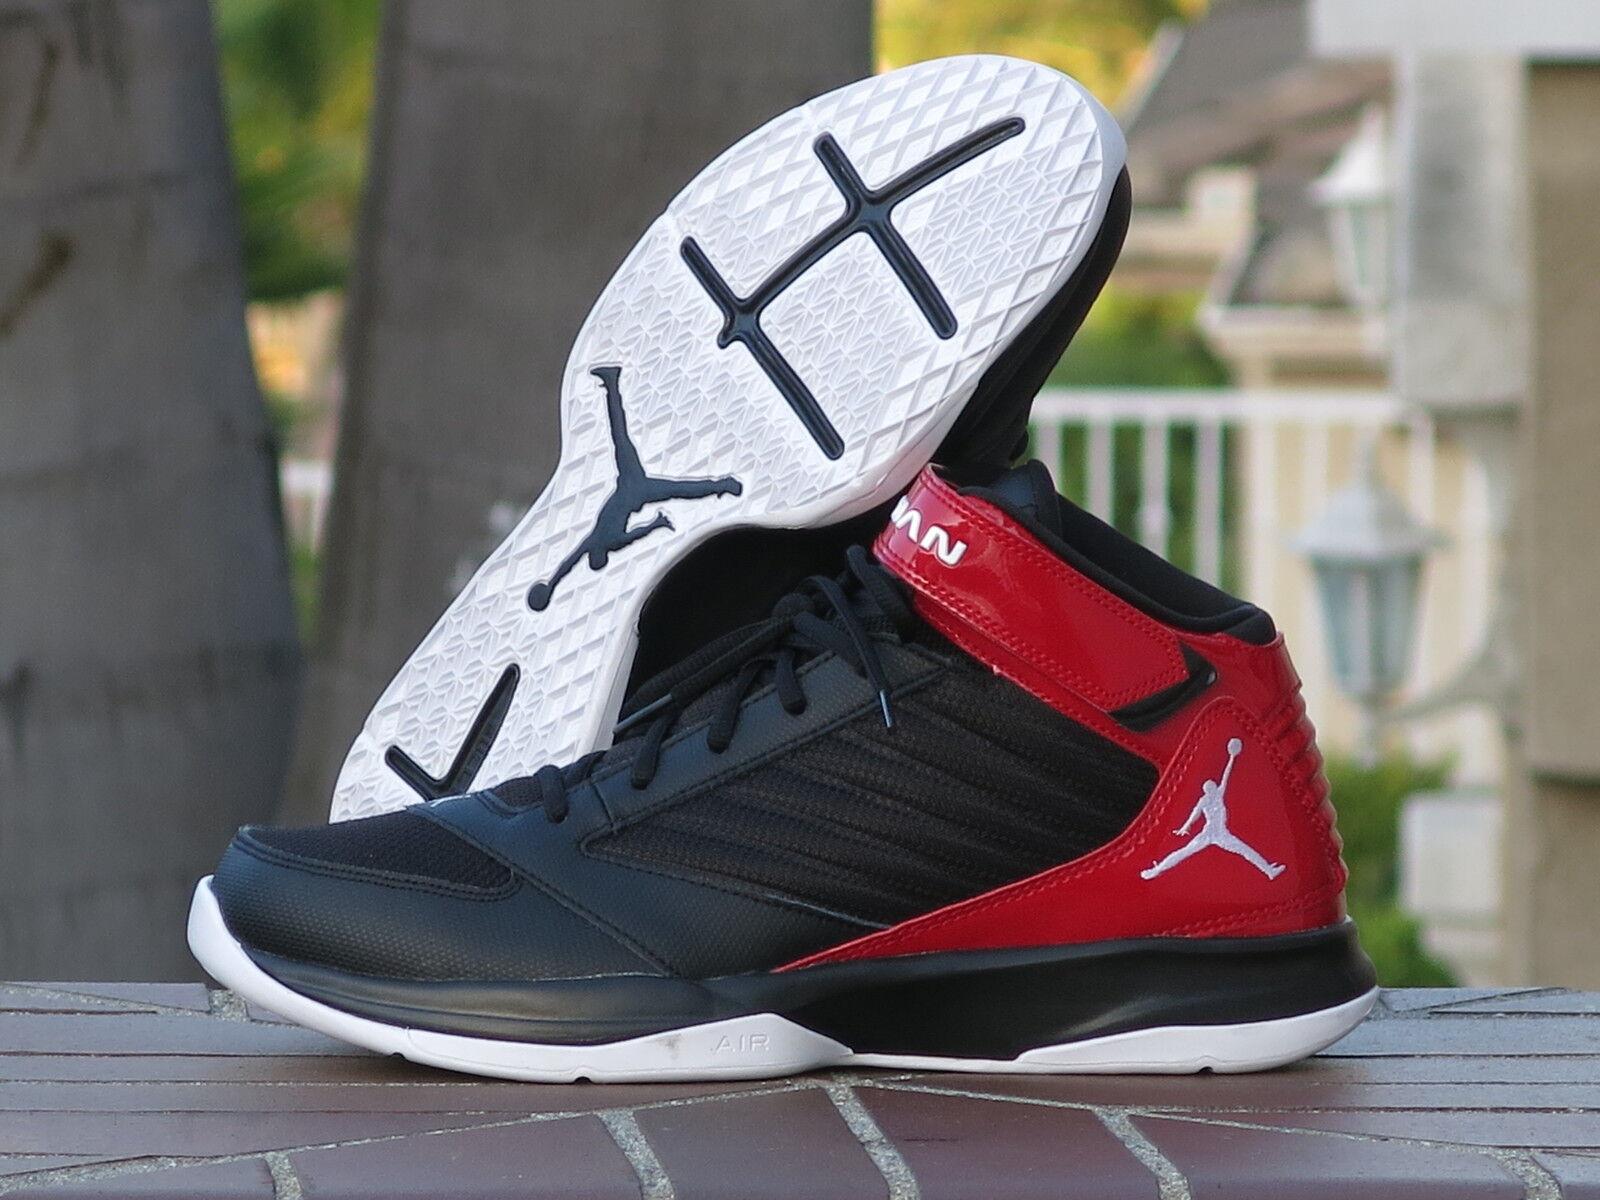 2014 Nike Air Jordan BCT MID 3 Men's Athletic Sneakers 684829-001 SZ 13